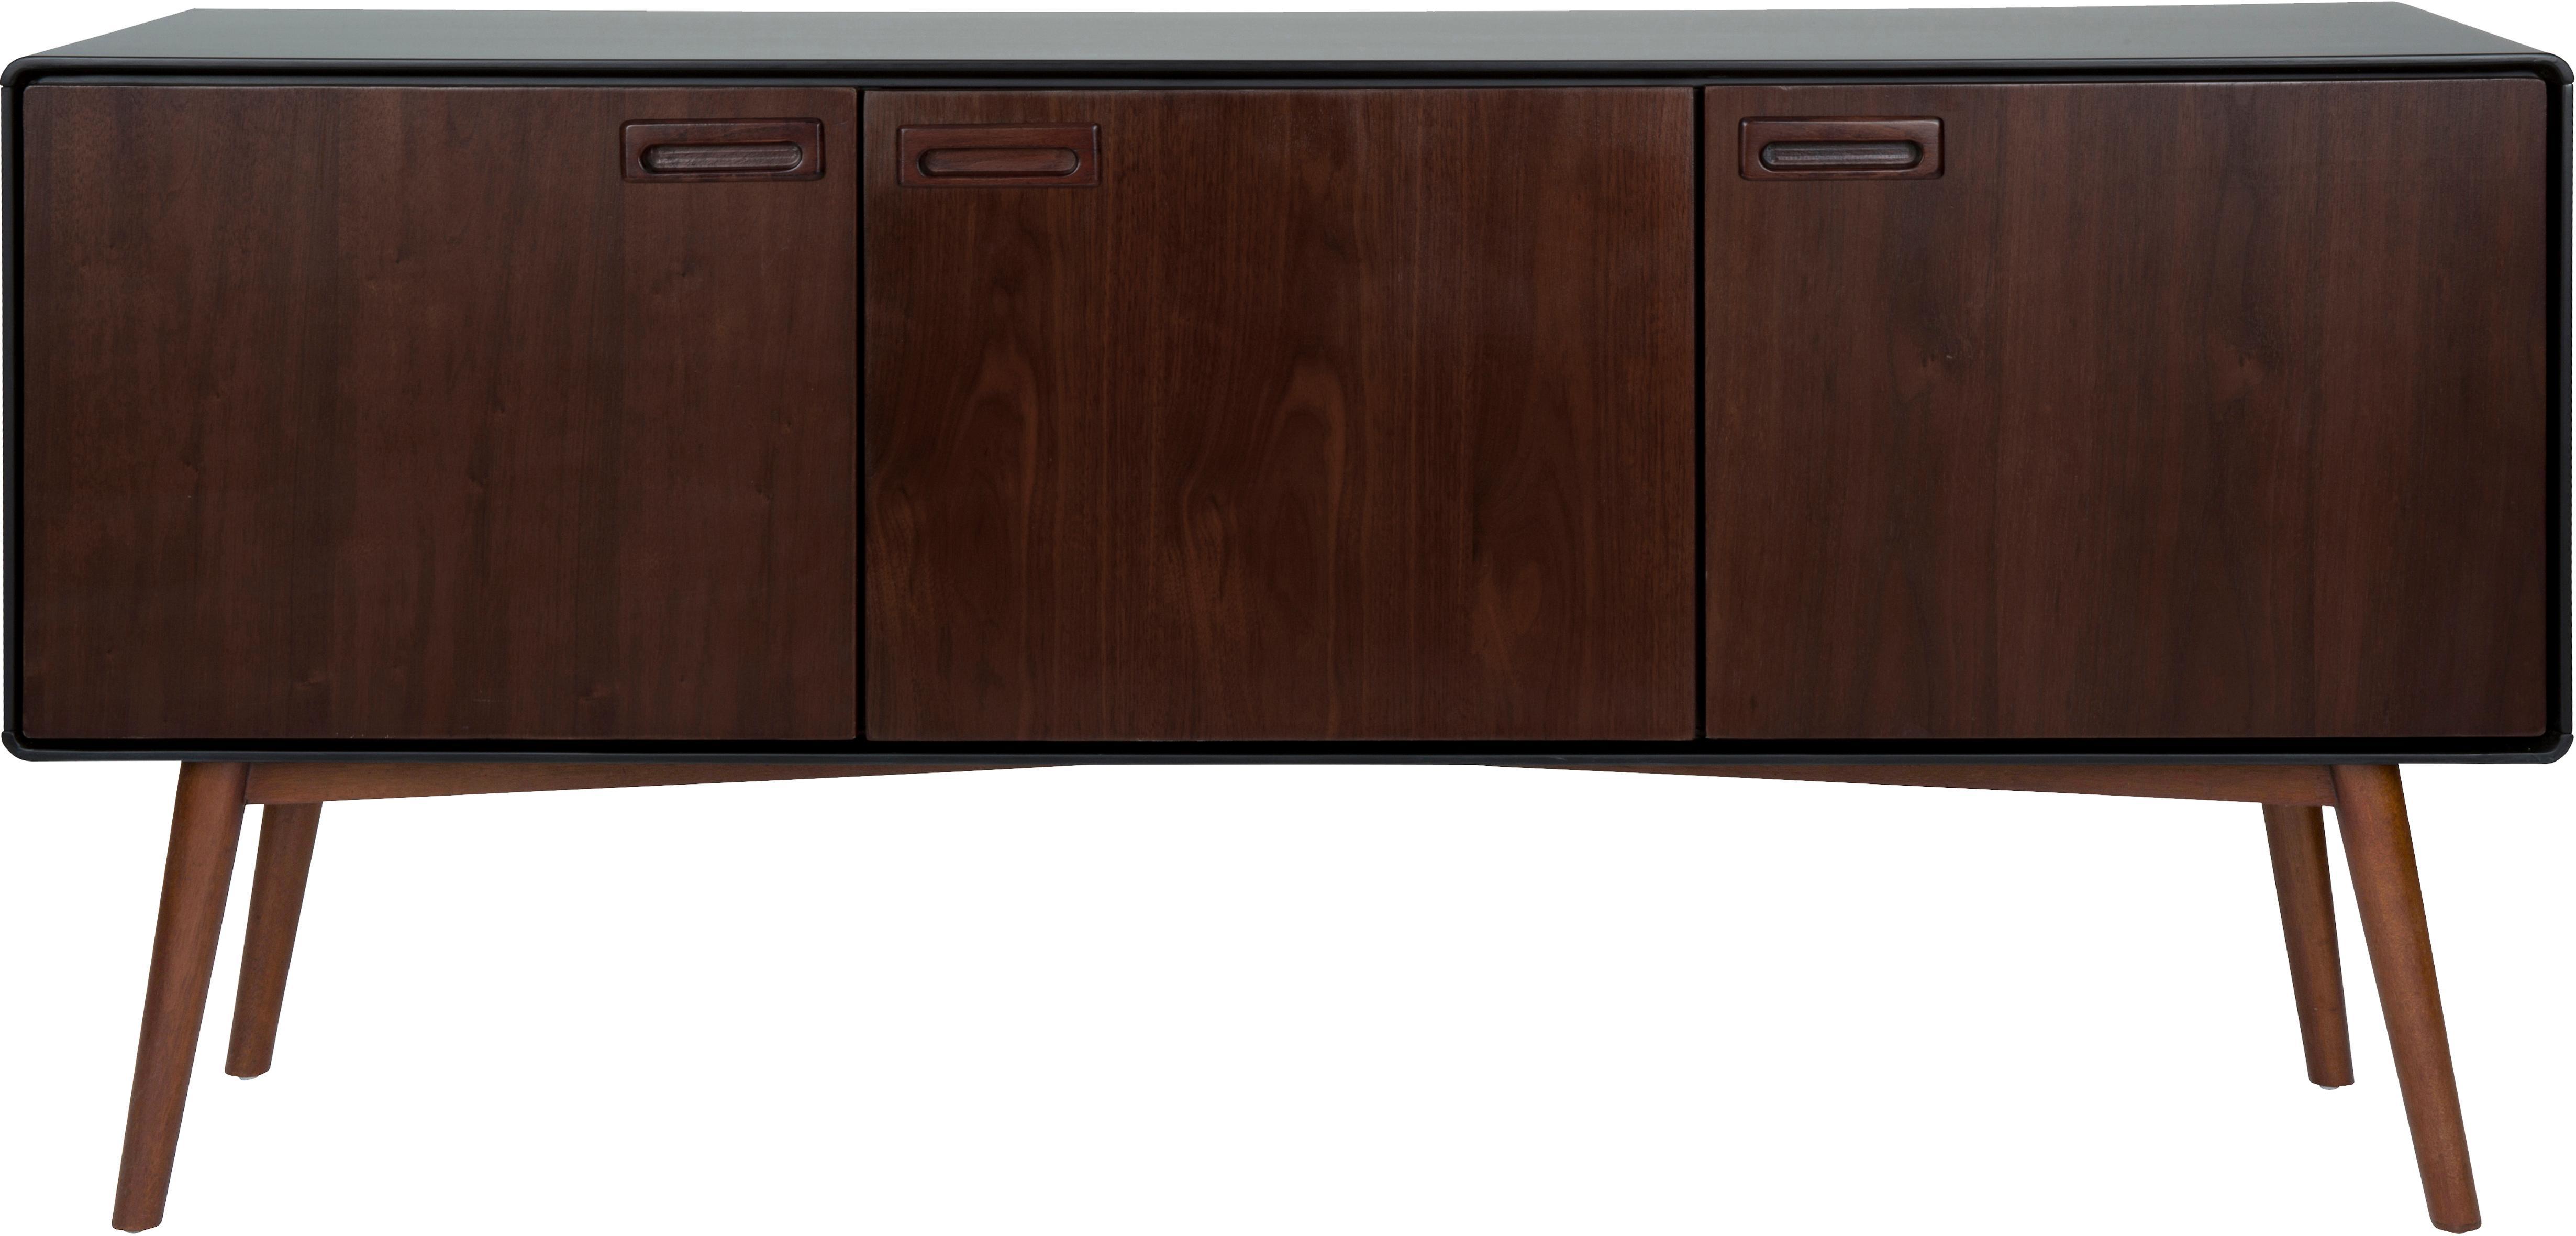 Skříňka v retro stylu s ořechovou dýhou Juju, Hnědá, černá